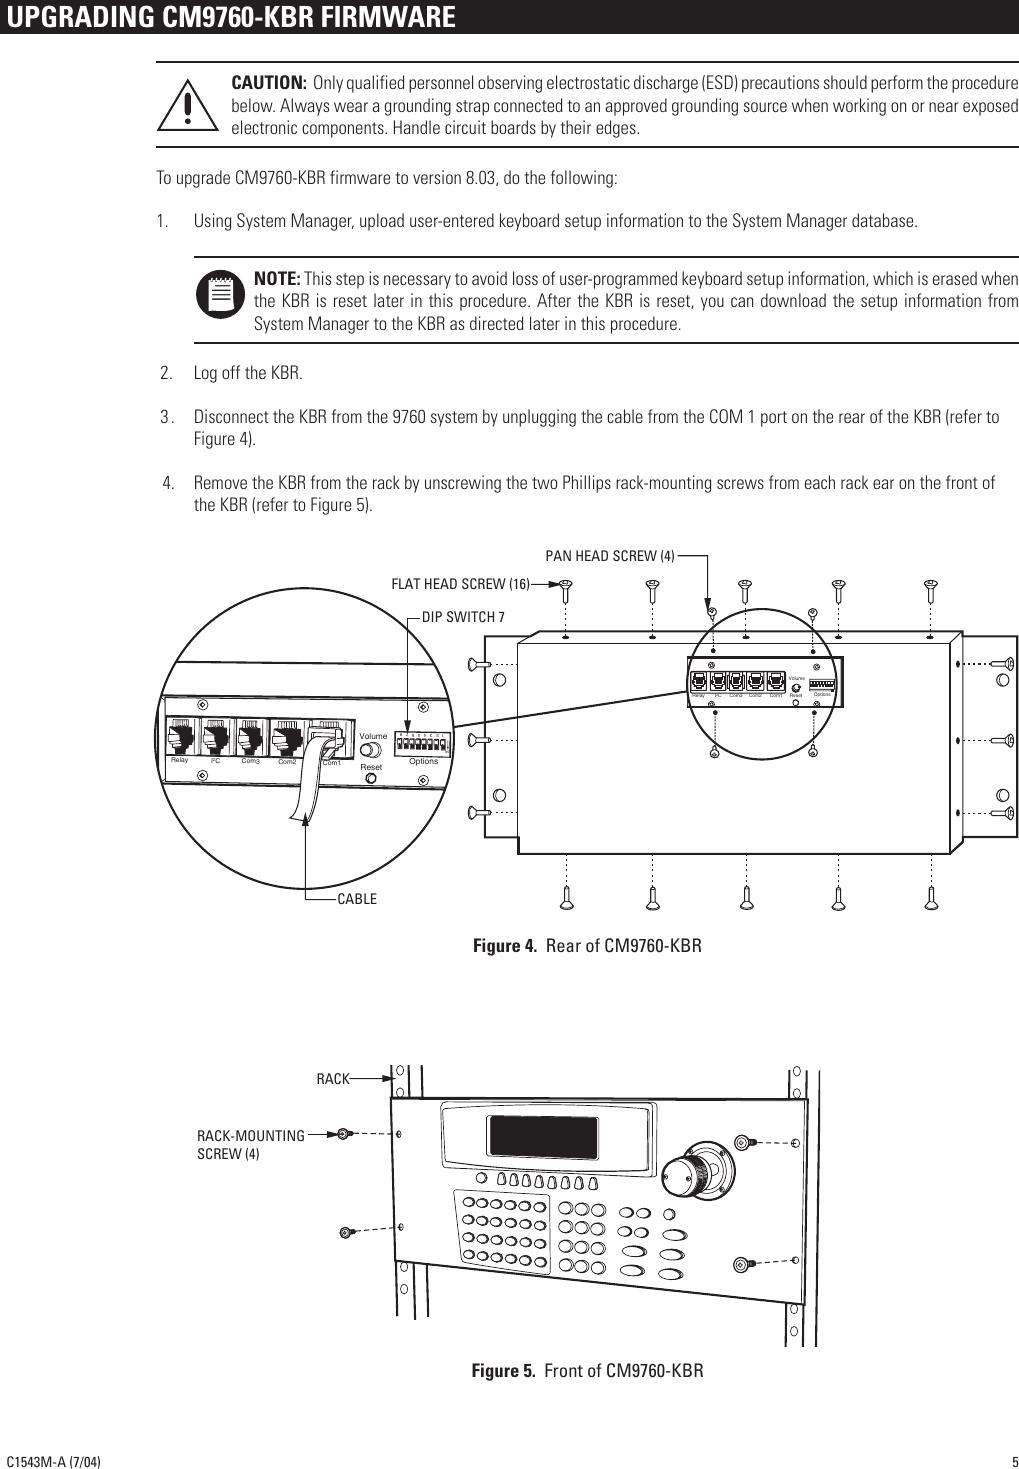 pelco cm9760 kbd user manual